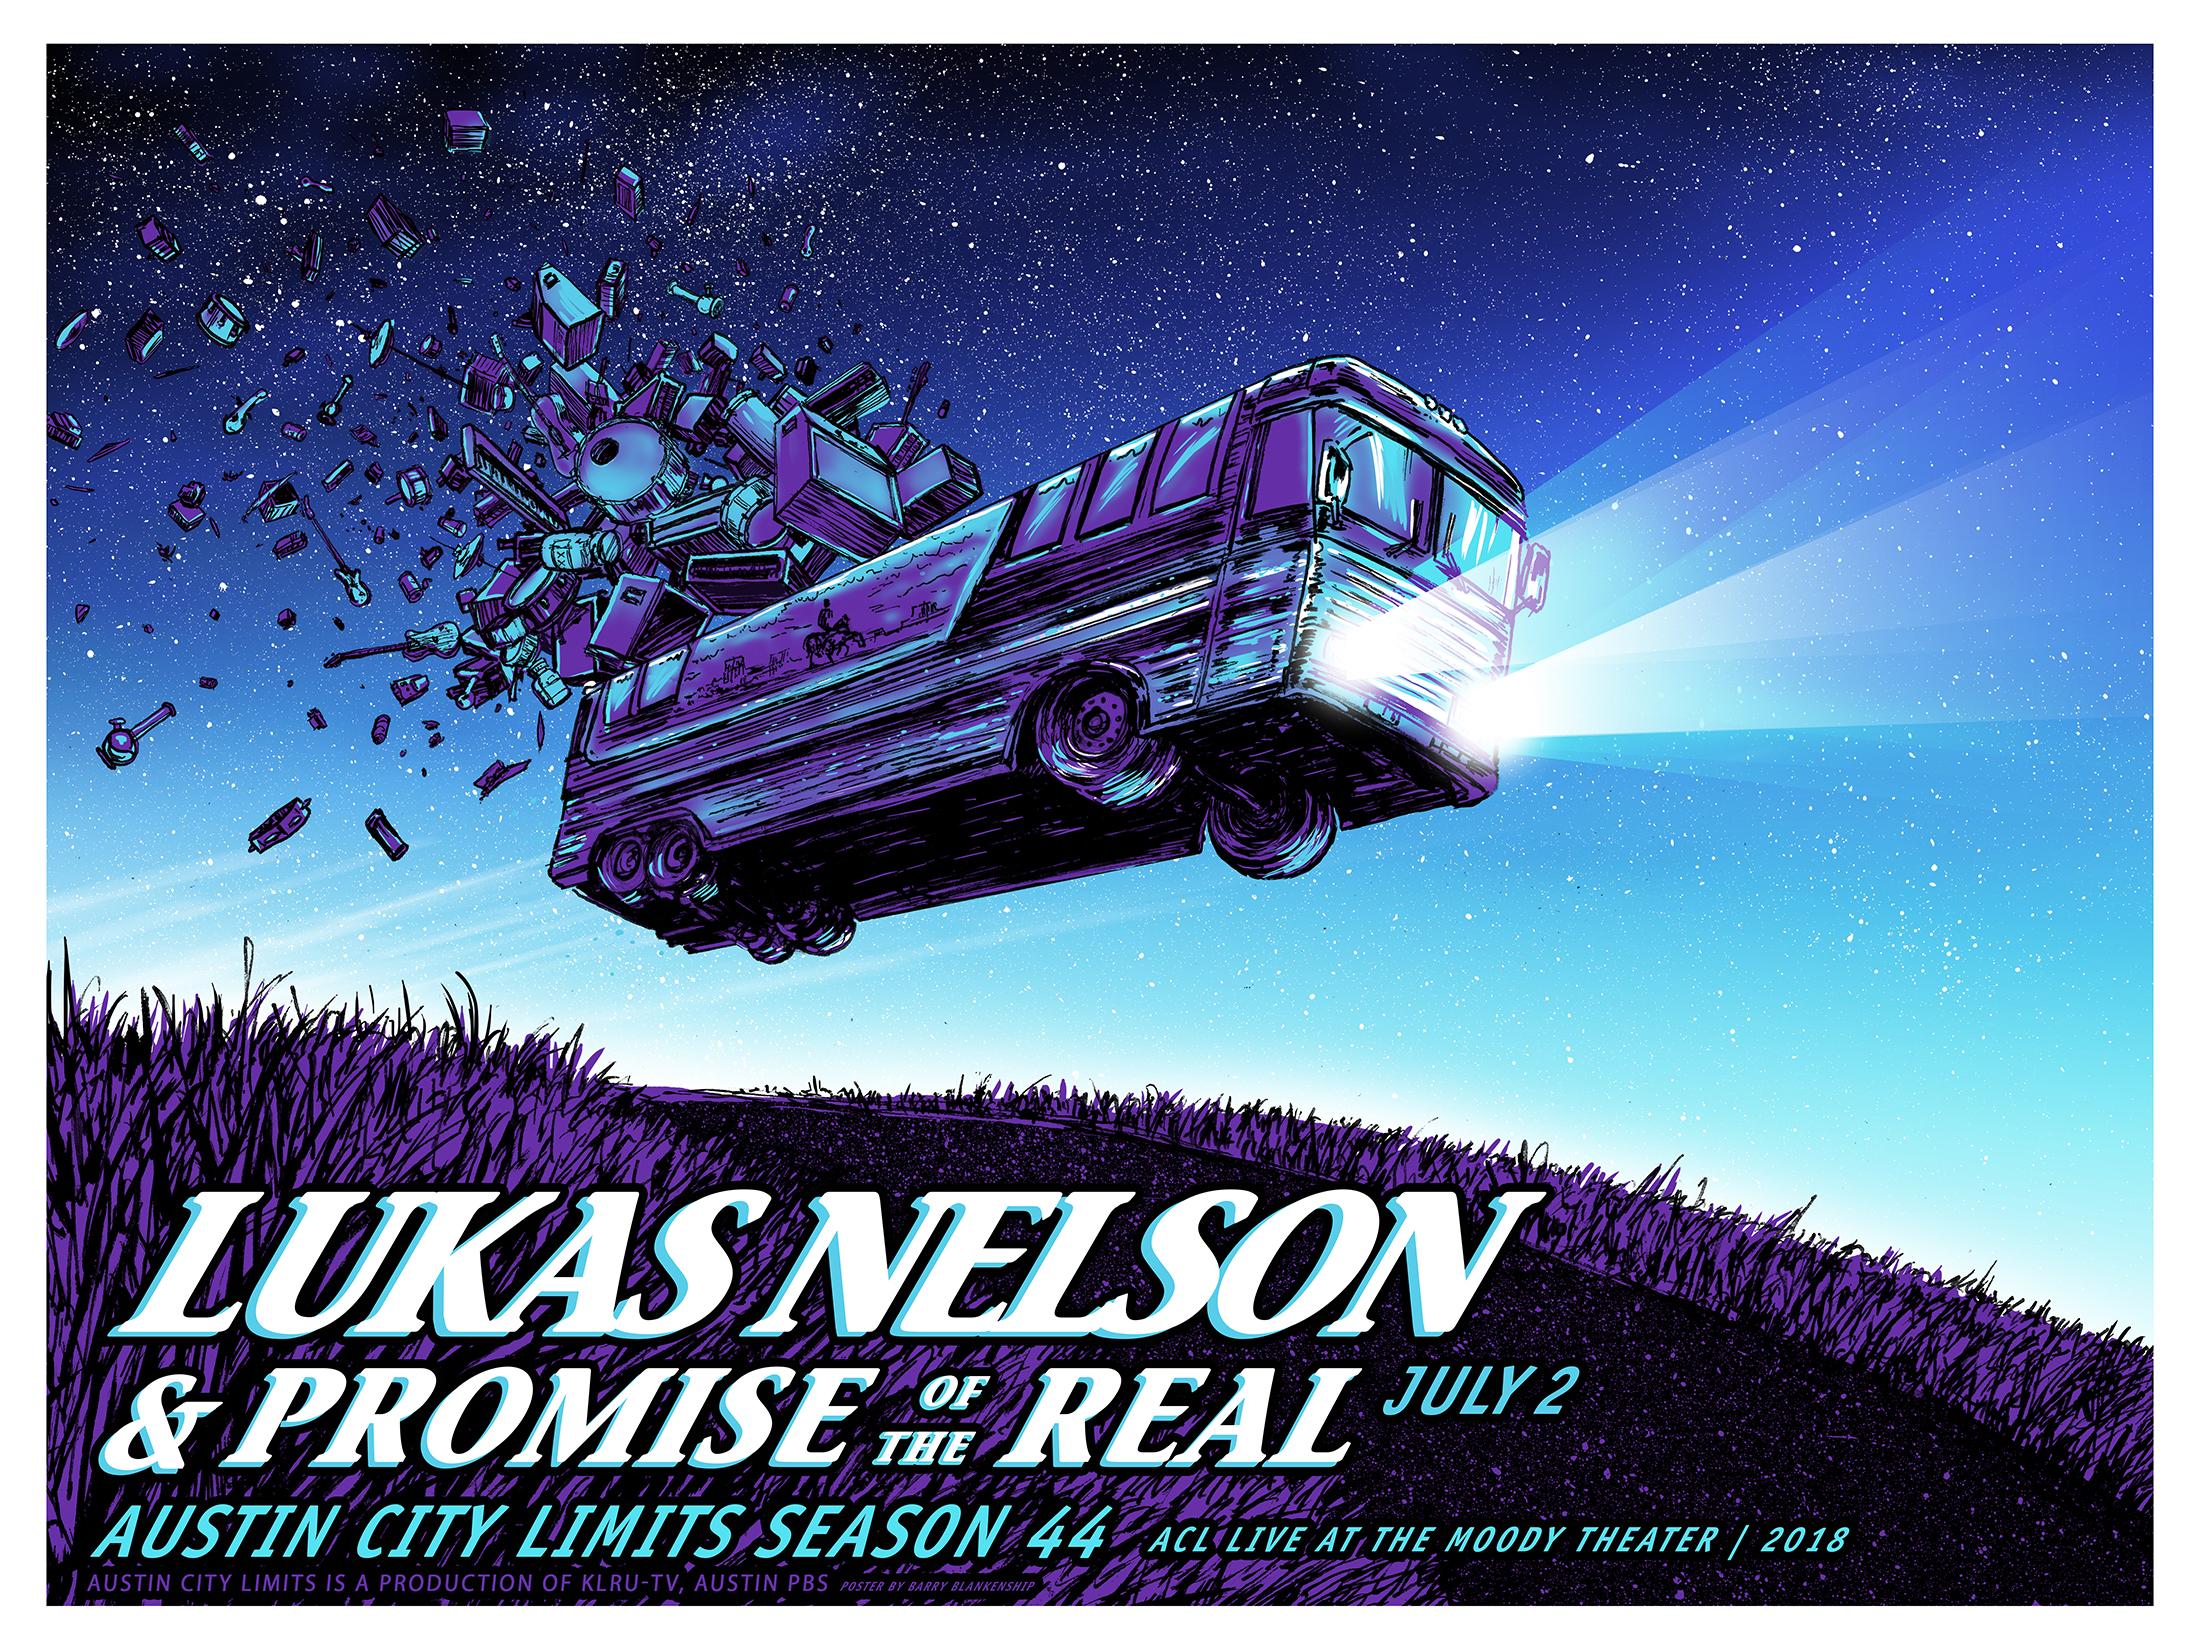 18x24_lukas_nelson_promise_wip_2.jpg